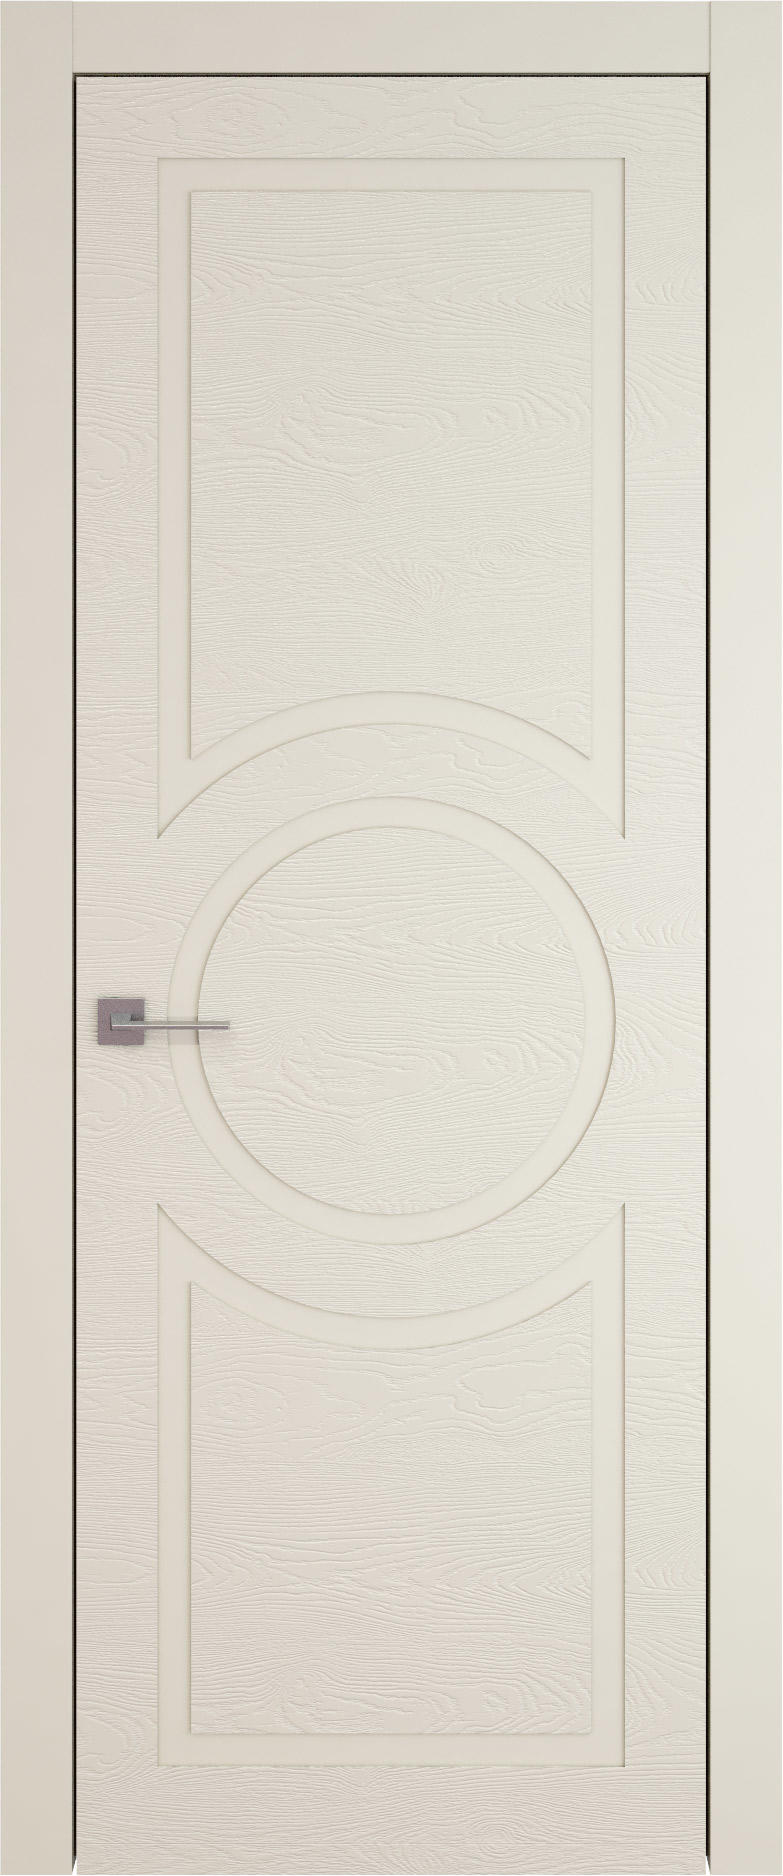 Tivoli М-5 цвет - Жемчужная эмаль по шпону (RAL 1013) Без стекла (ДГ)